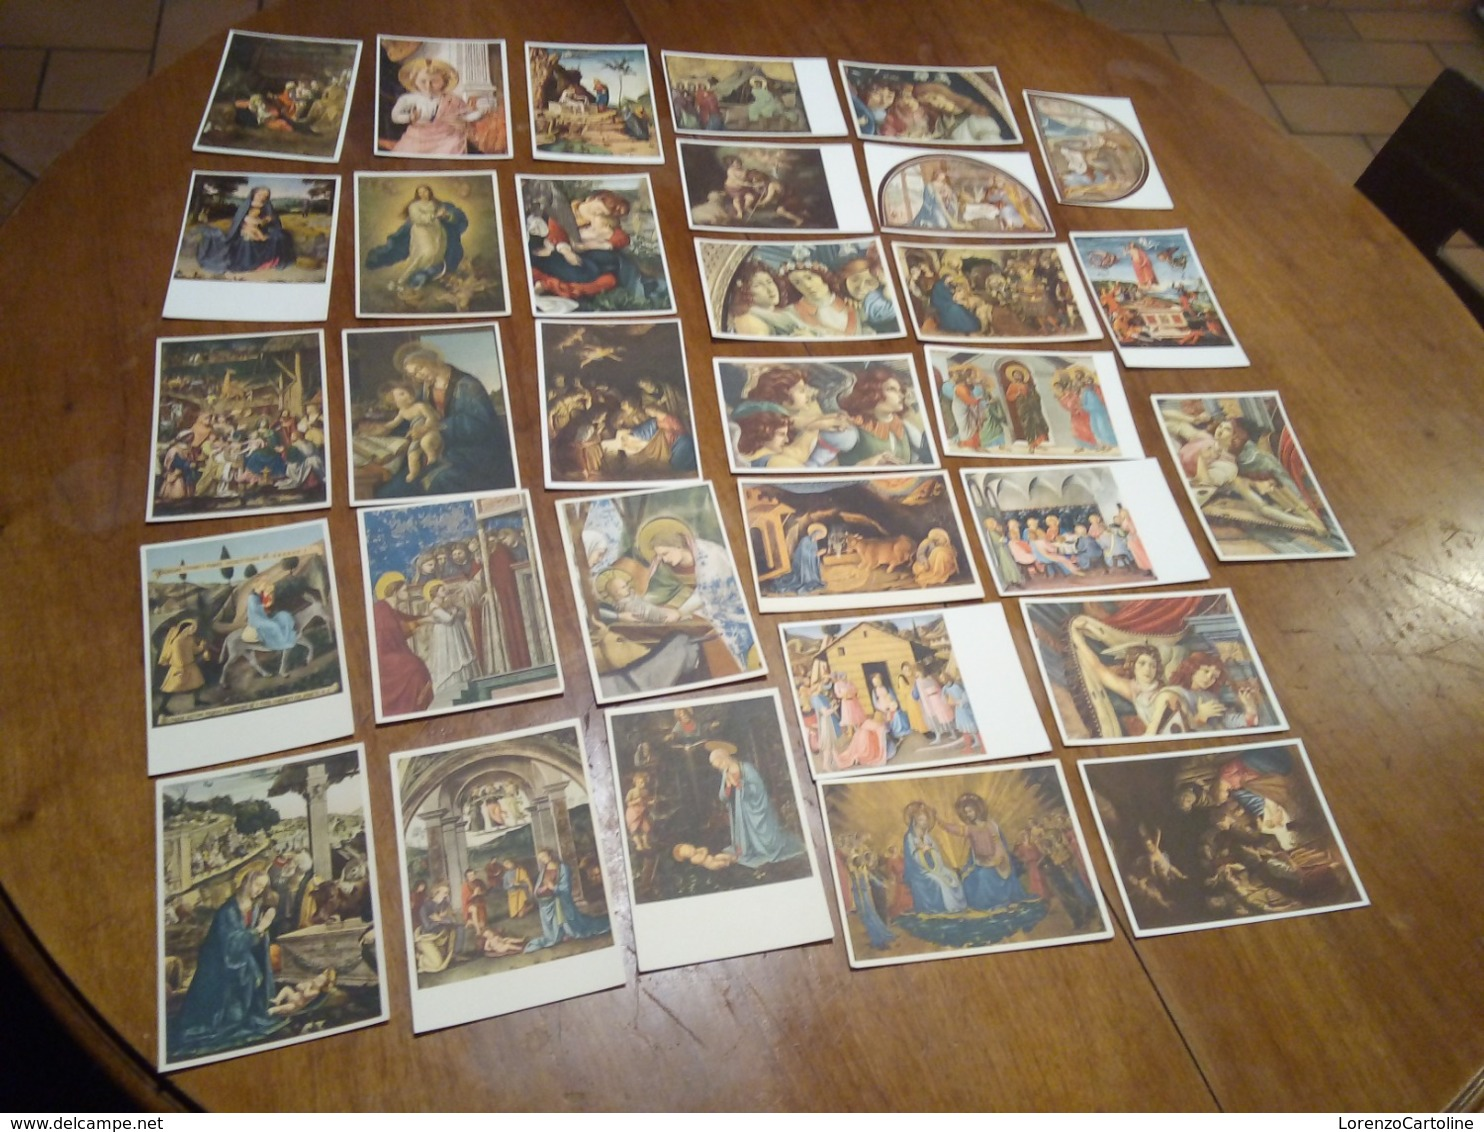 32 Cartoline NON VIAGGIATE Pittori Madonna Con Bambino Altri Temi Classici Religiosi - Pittura & Quadri